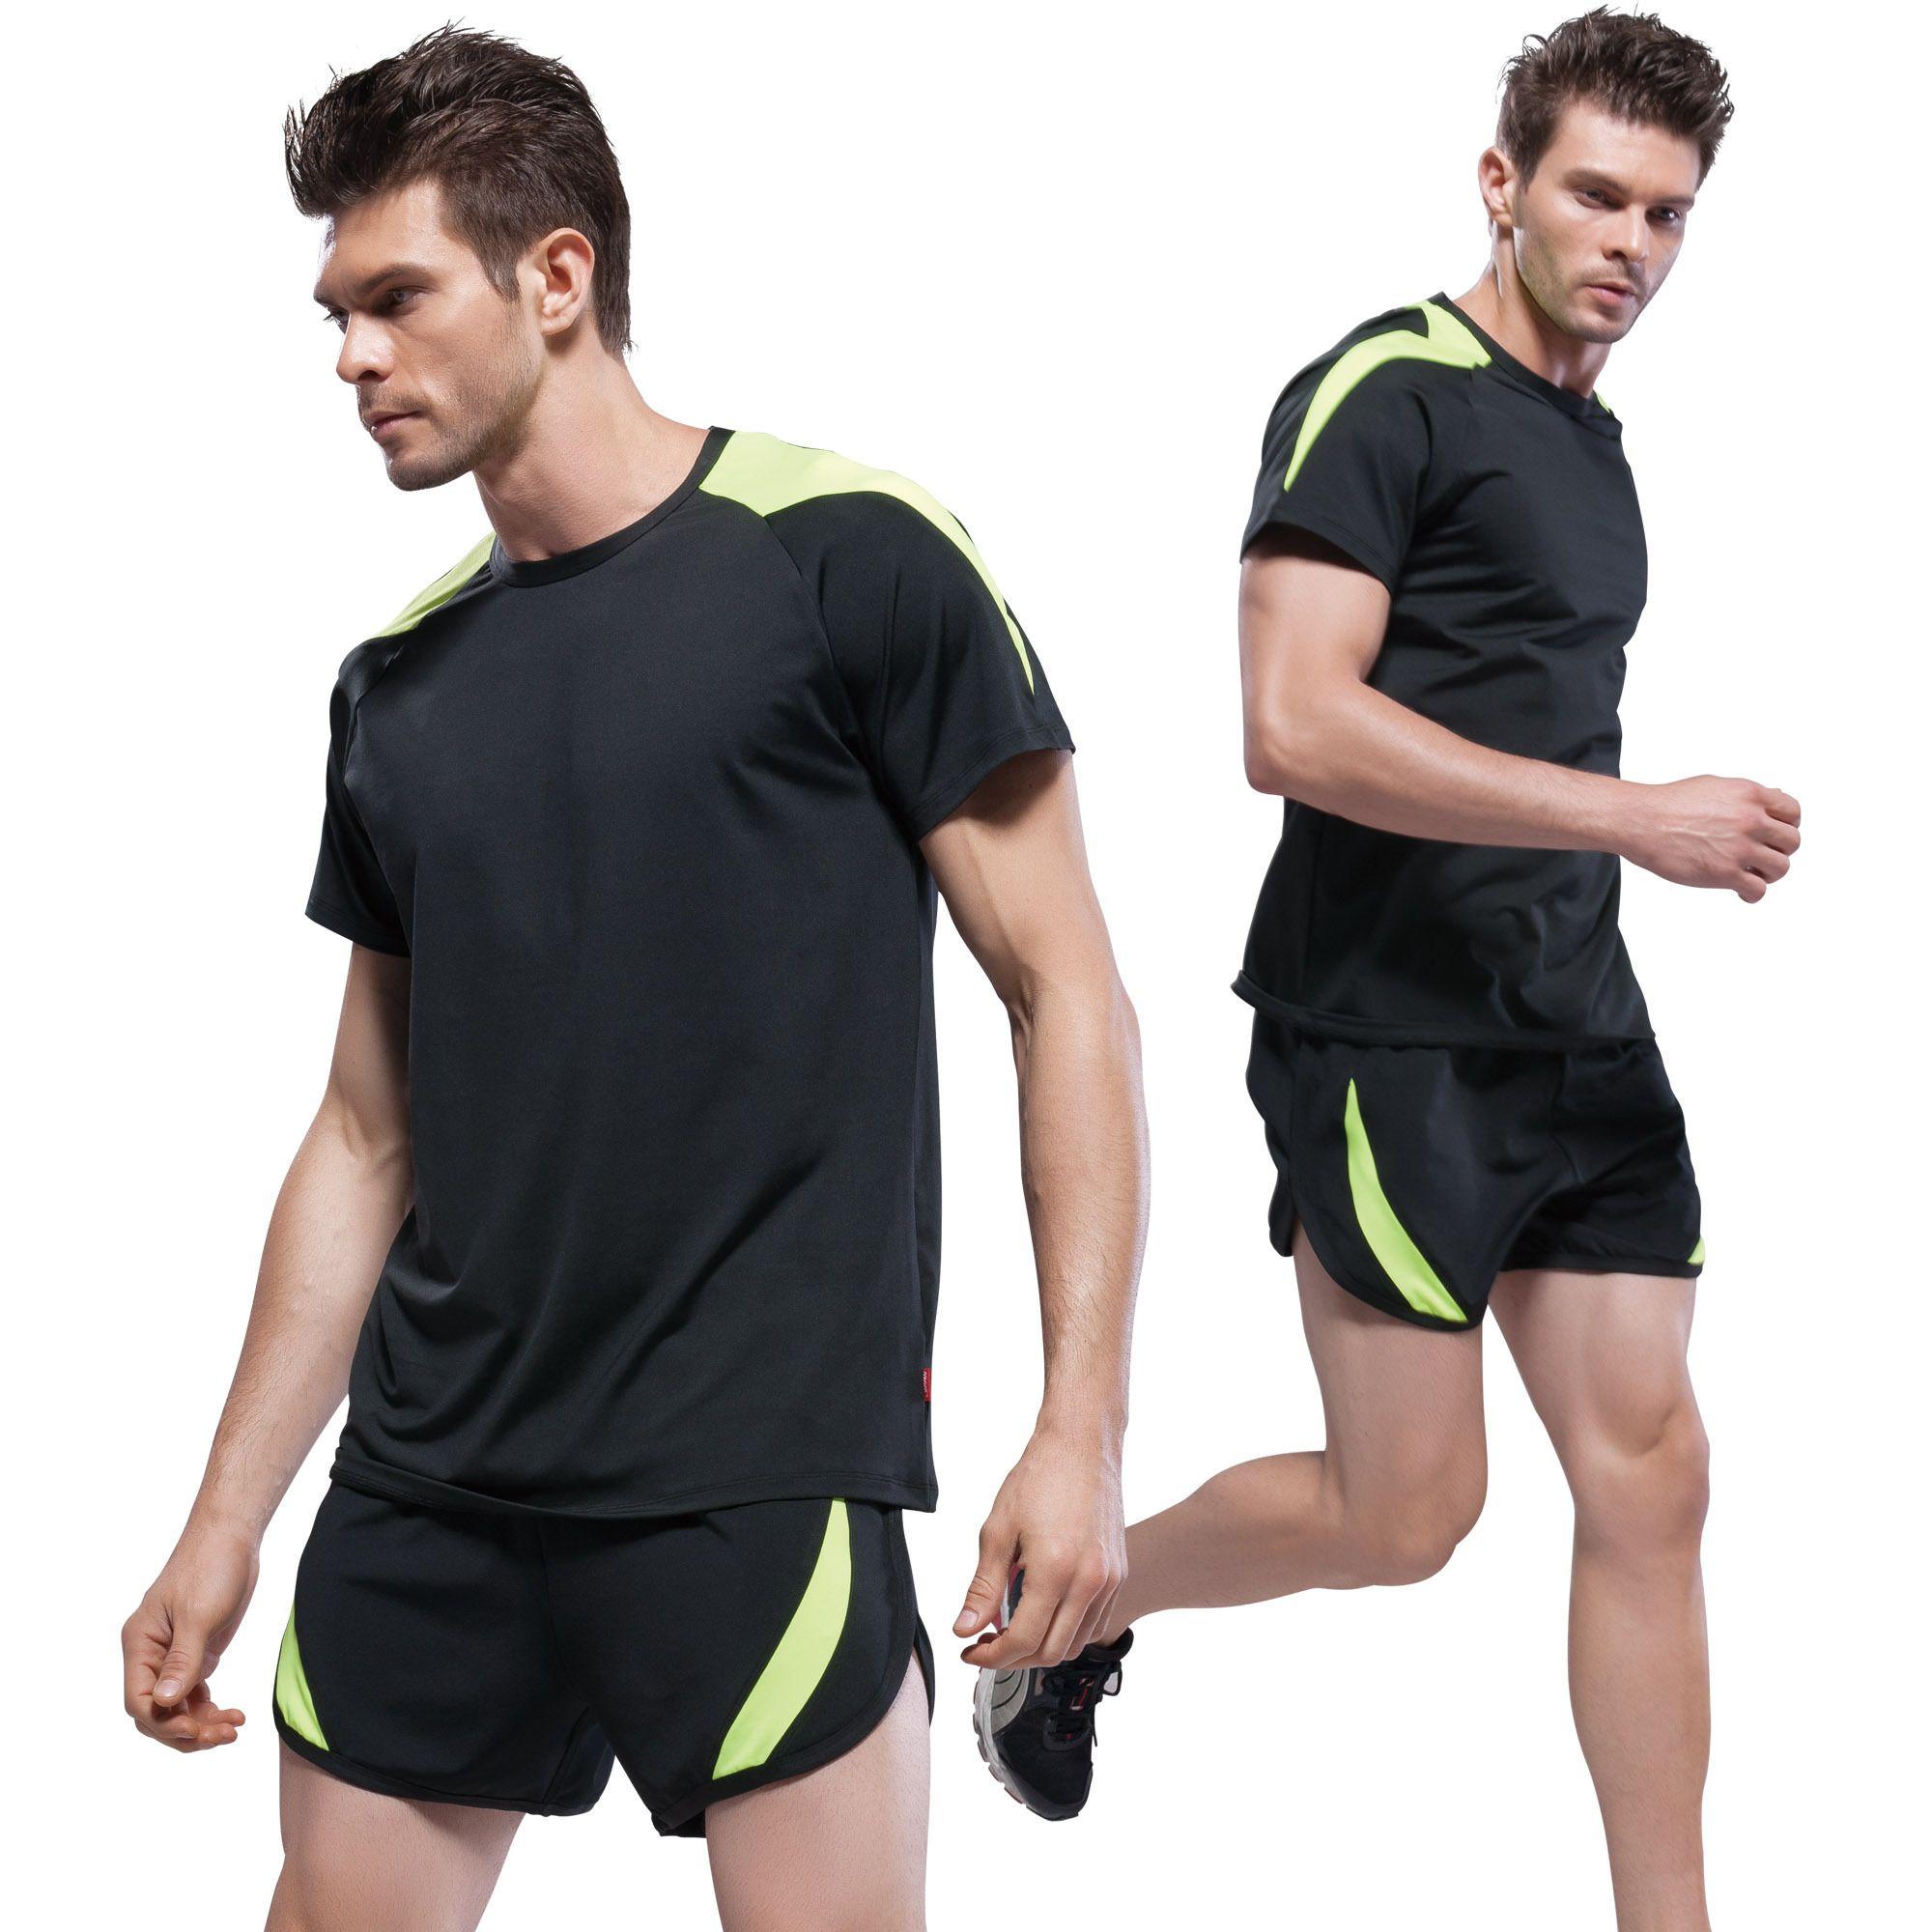 f40c5bf8d0ab6 Resultado de imagen para ropa para hacer ejercicio hombre